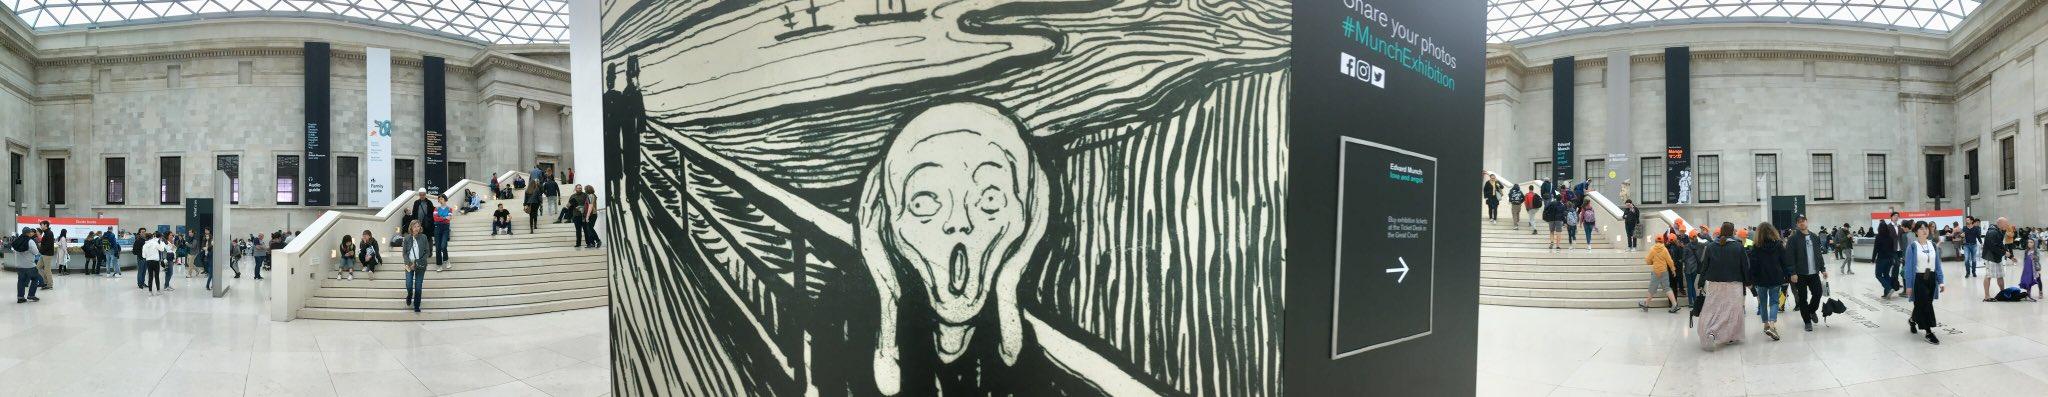 britishmuseum-scream.jpg